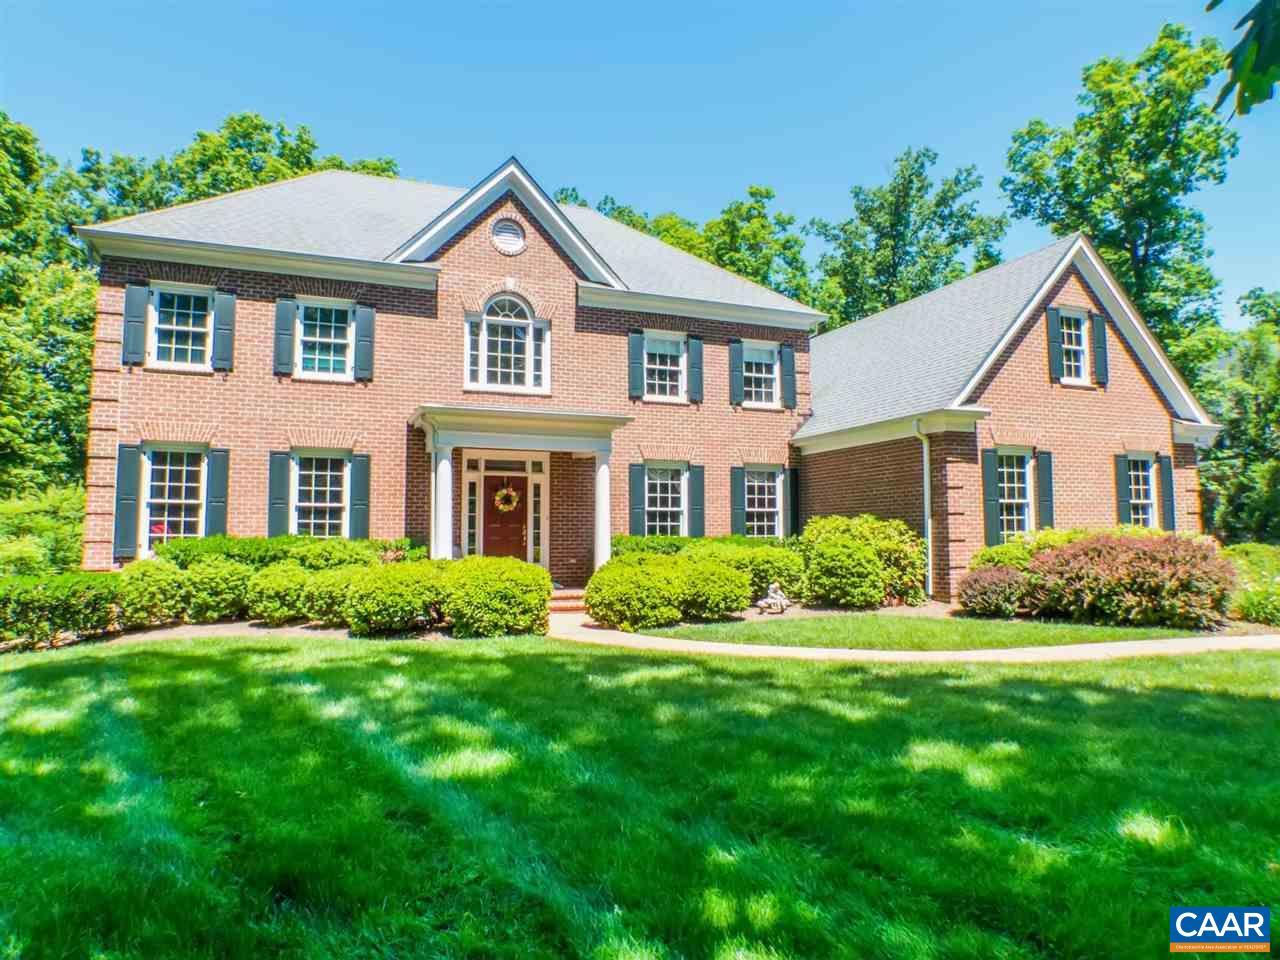 home for sale , MLS #561455, 1695 Paddington Cir